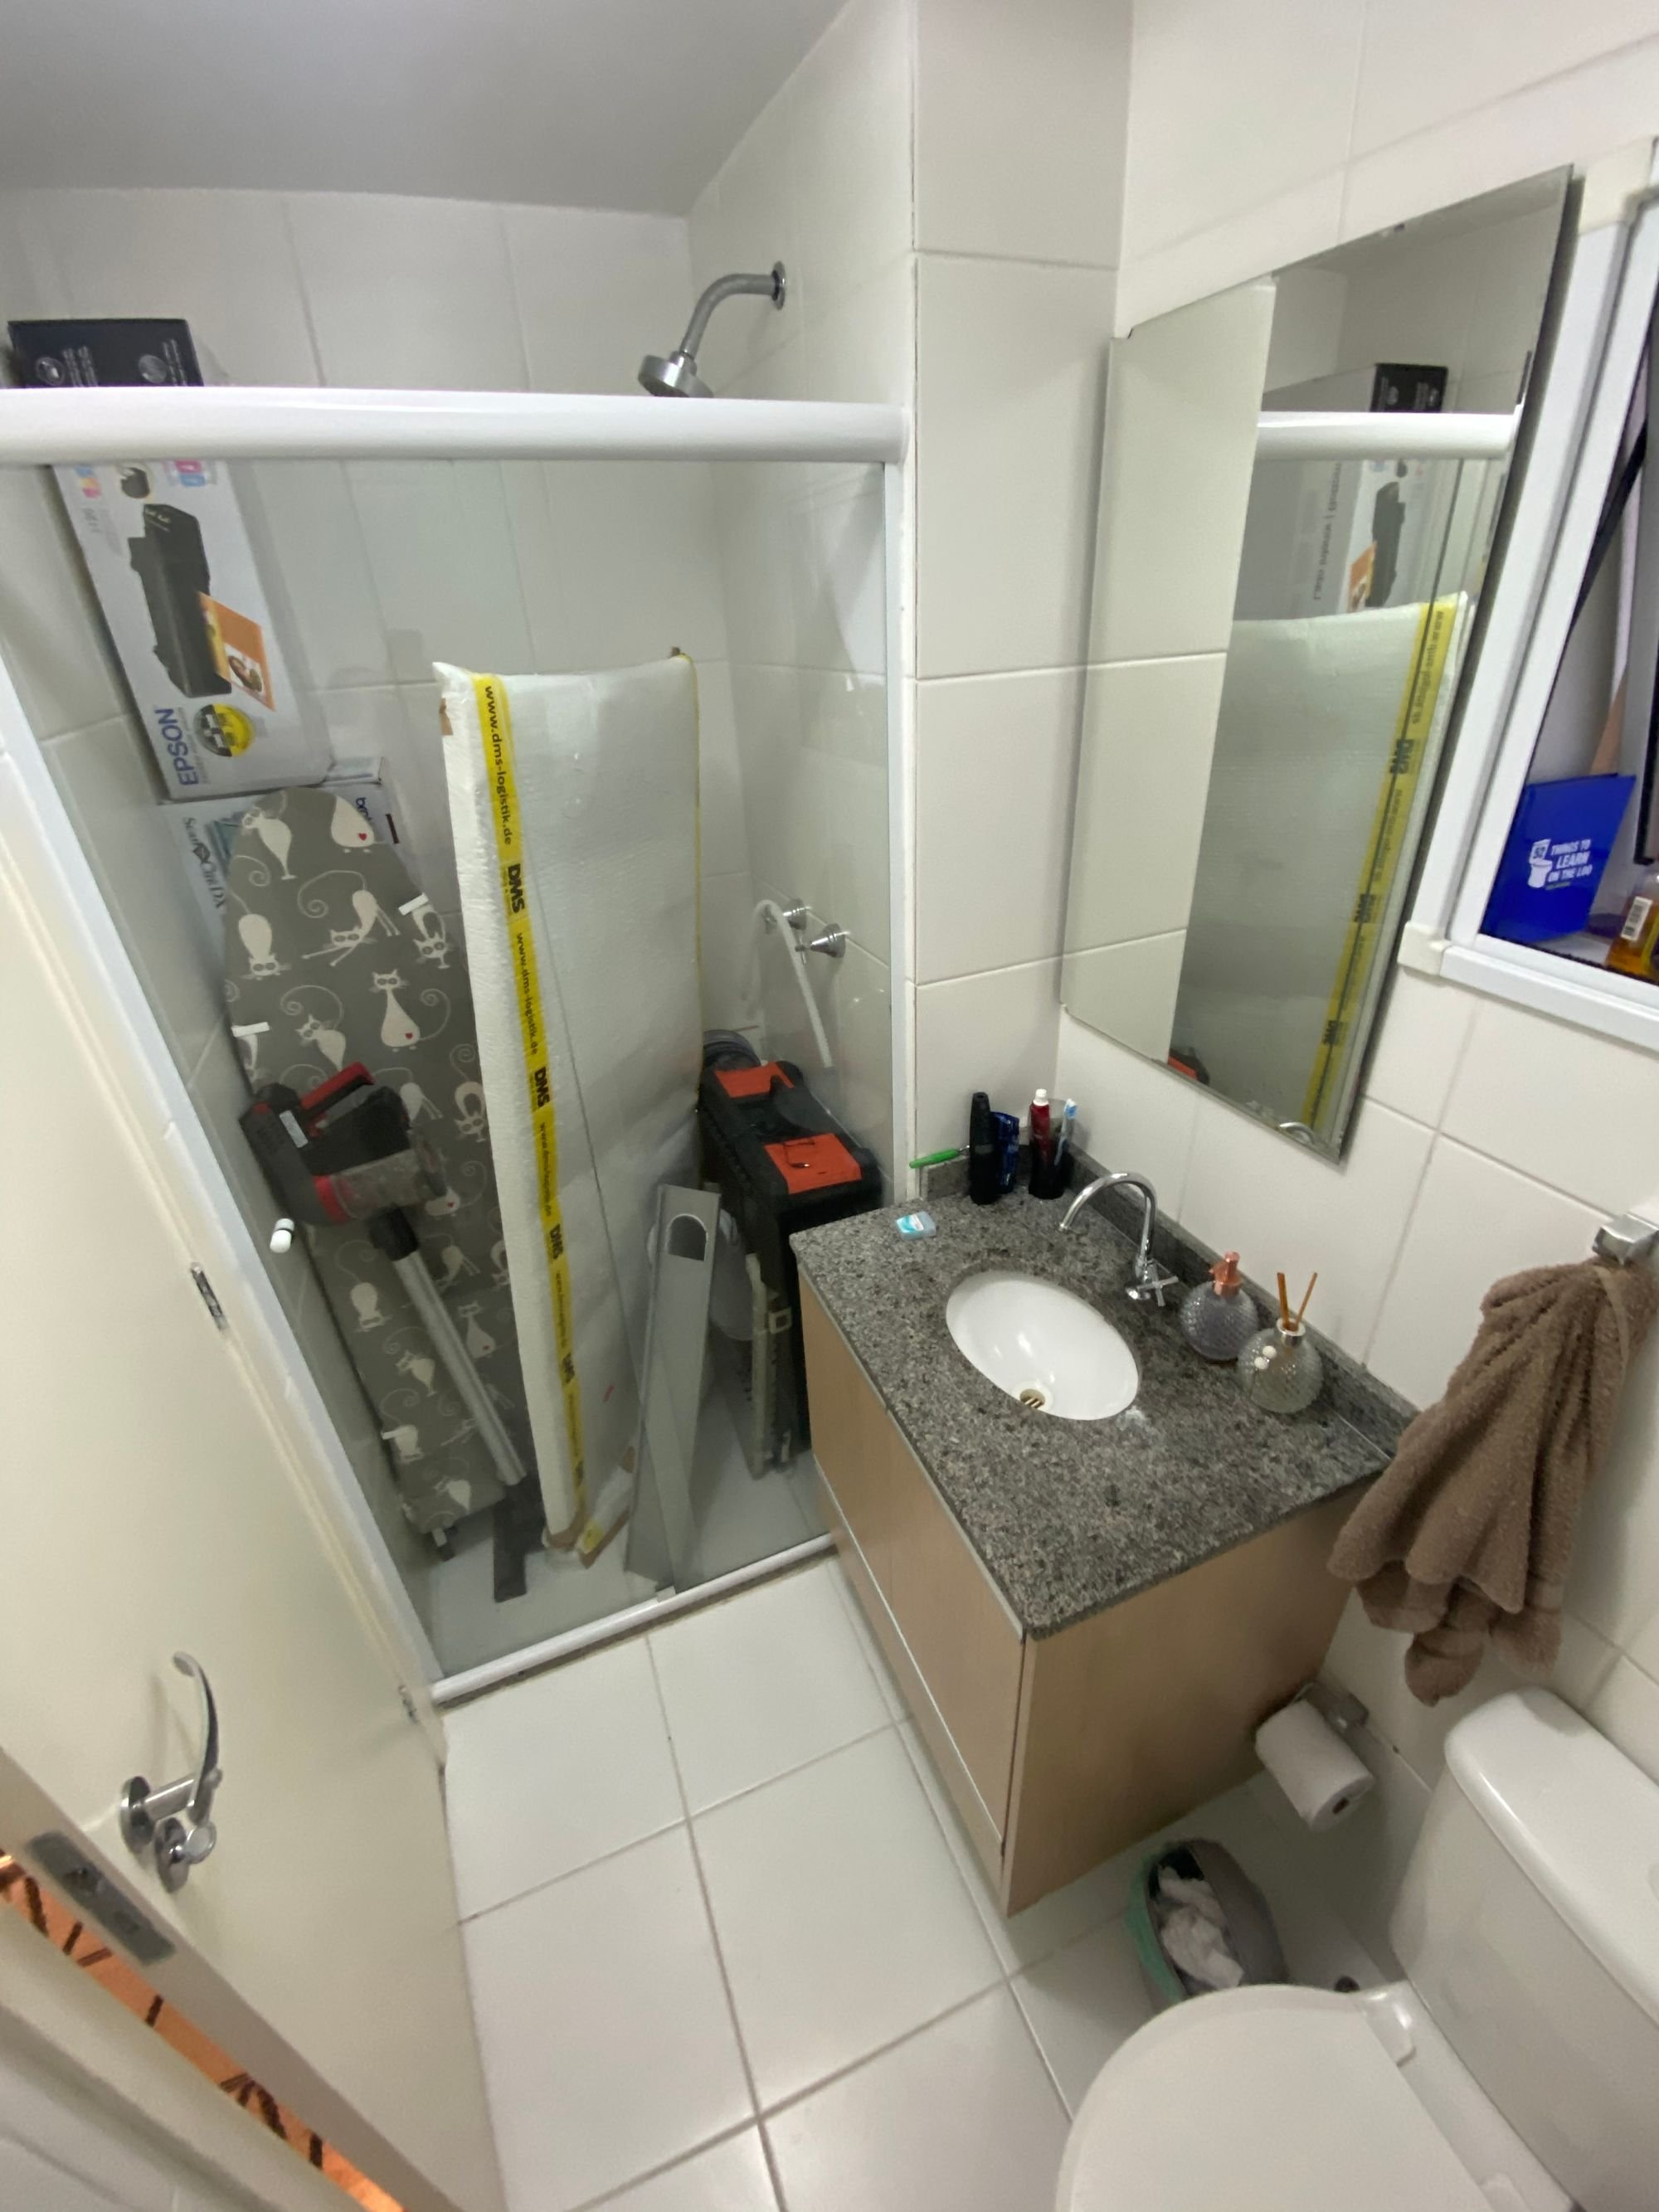 Foto de Banheiro com escova de dente, vaso sanitário, pia